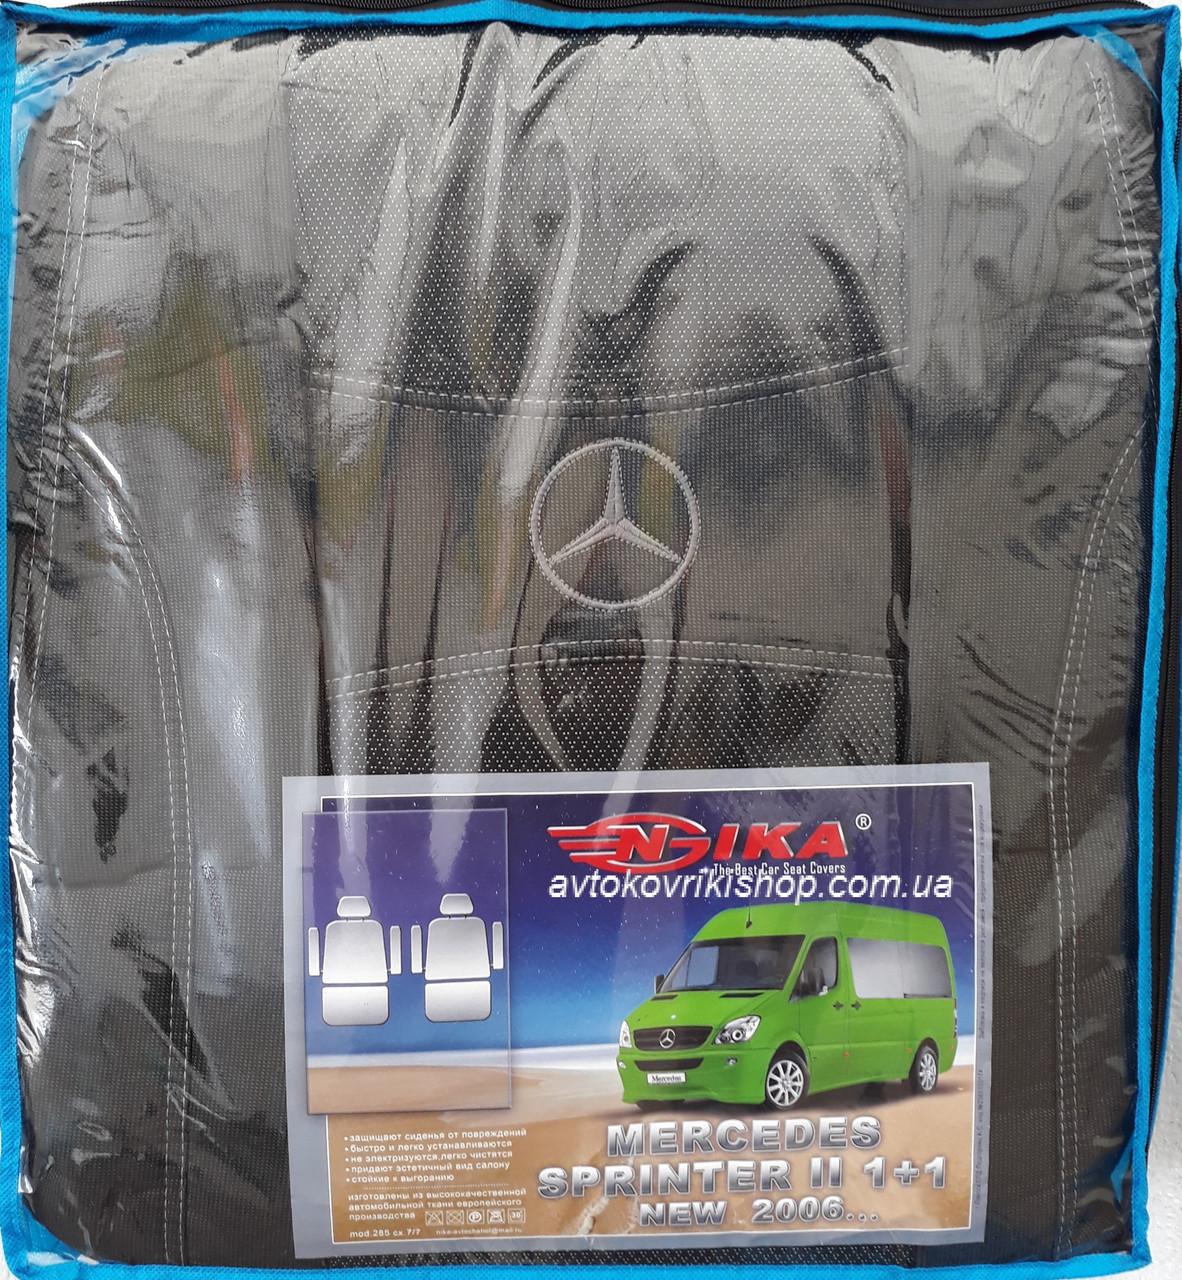 Авточехлы Mercedes-Benz Sprinter II 1+1 2006- Nika